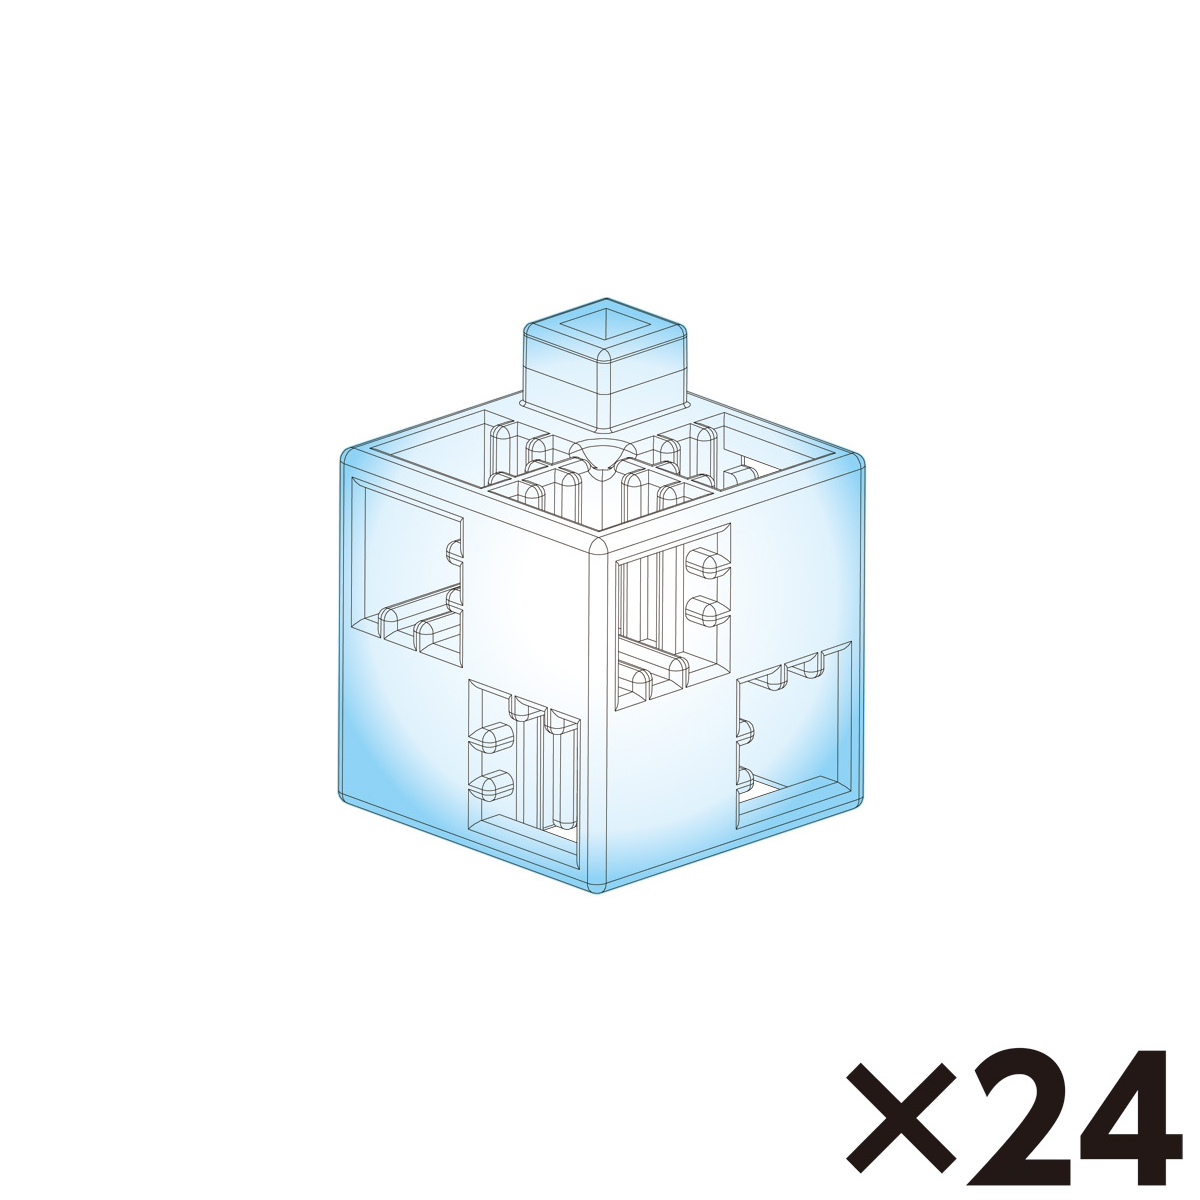 アーテックブロック部品 基本四角単品 クリア 24pcs 日本製 ゲーム 玩具 レゴ・レゴブロックのように遊べます クリスマスプレゼント